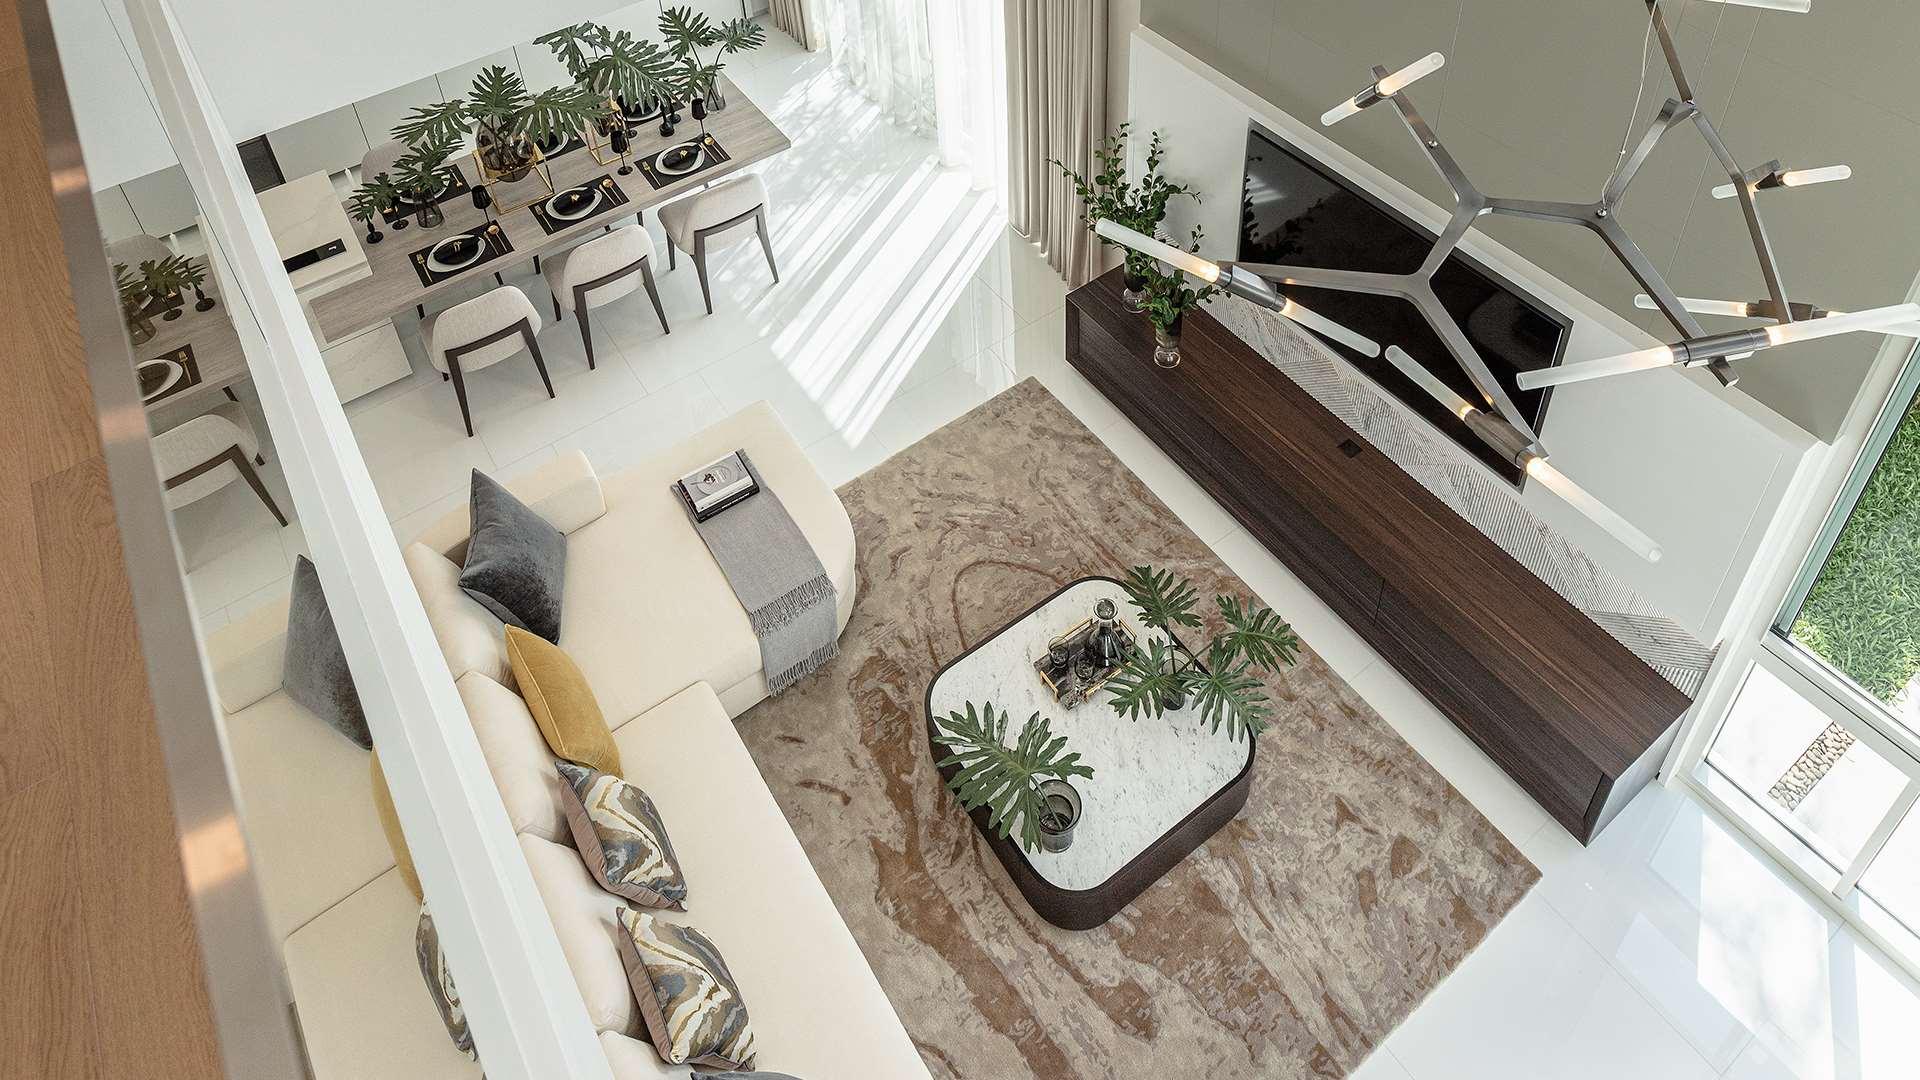 ภาพแบบบ้าน 360 องศา